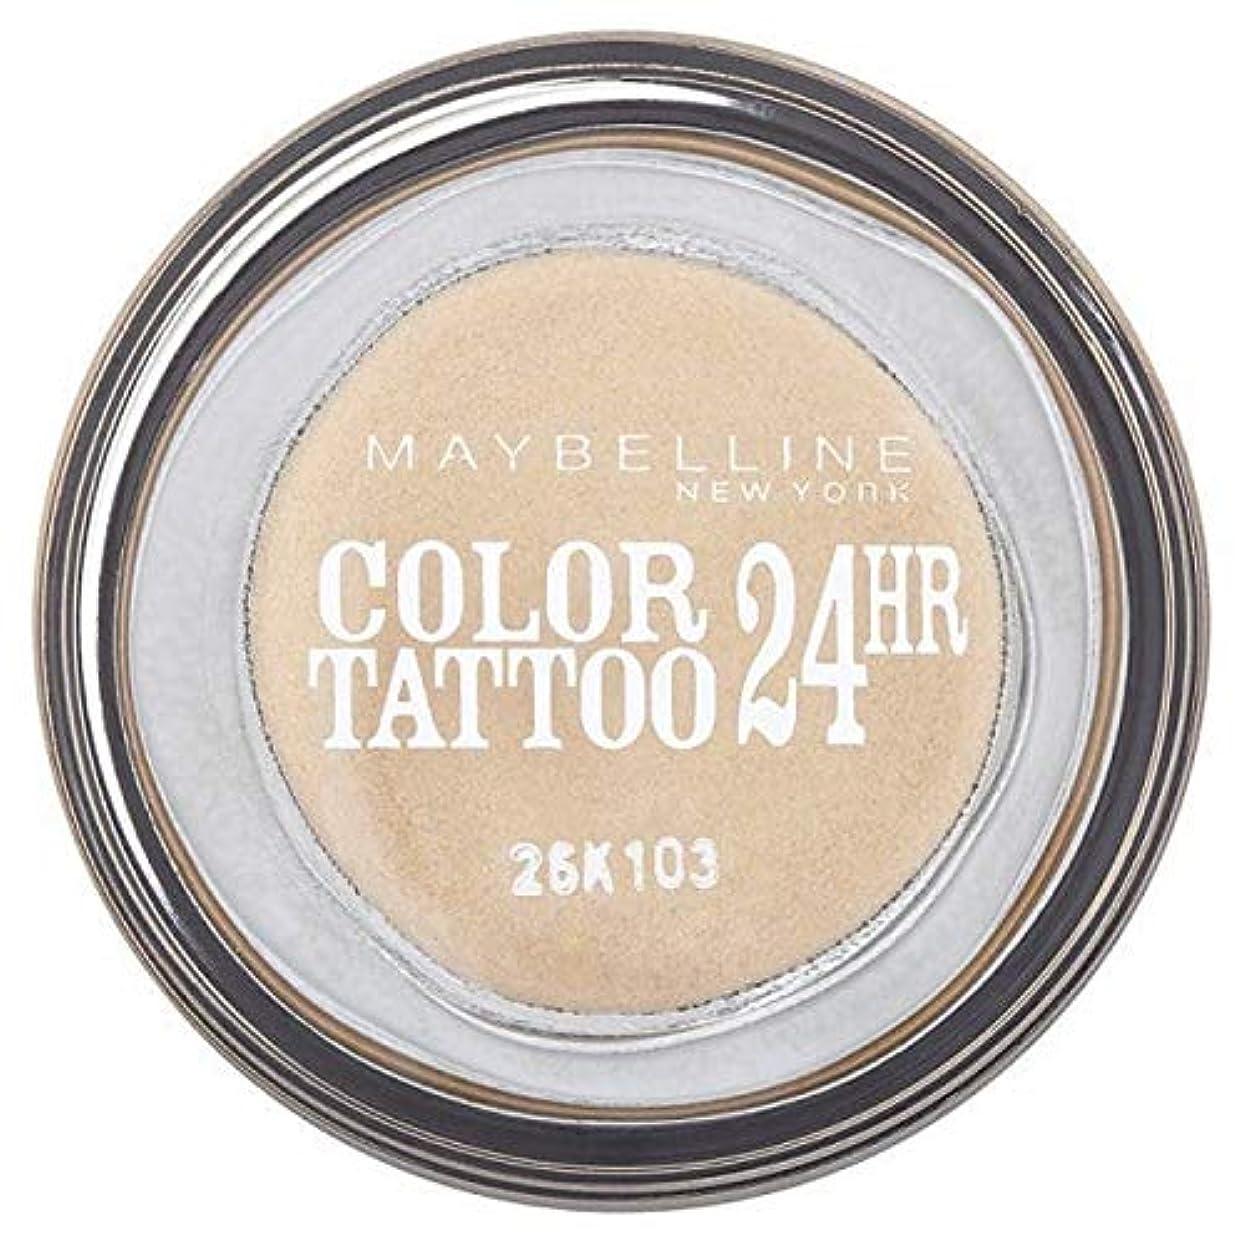 小石急行する誘う[Maybelline ] シングルアイシャドウ05金24時間メイベリンカラータトゥー - Maybelline Color Tattoo 24Hr Single Eyeshadow 05 Gold [並行輸入品]